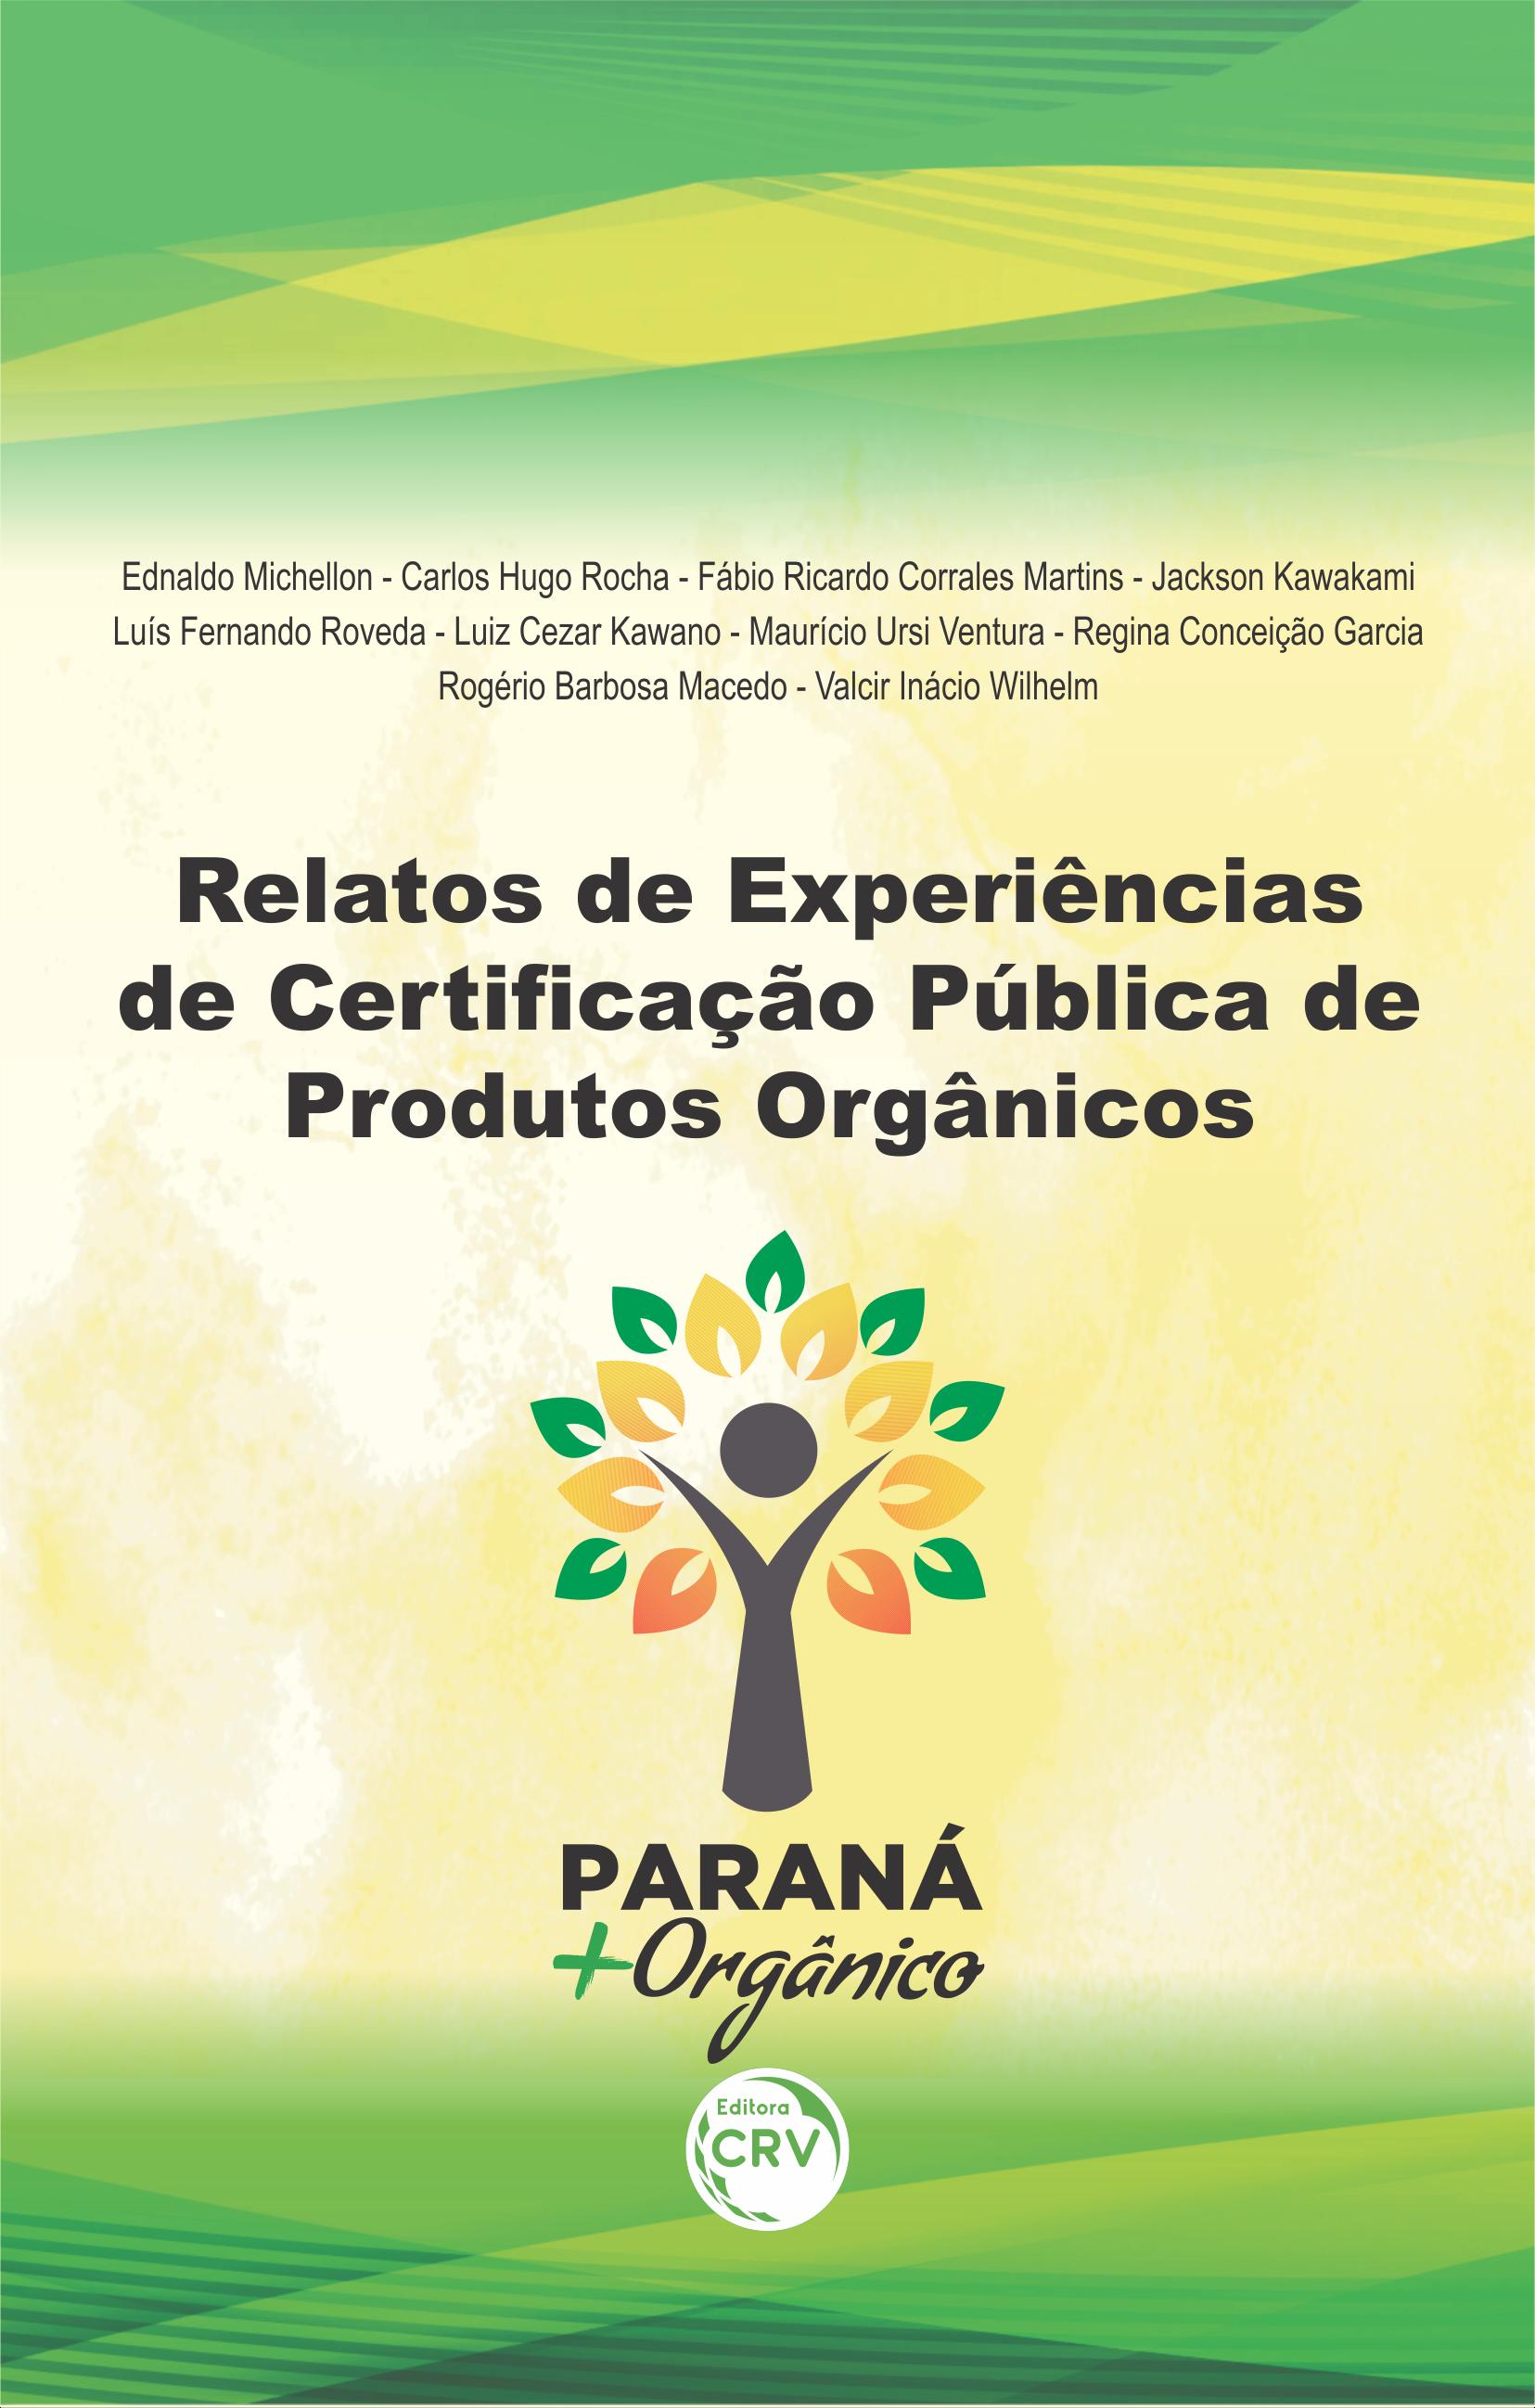 Capa do livro: PARANÁ MAIS ORGÂNICO: <br> relatos de experiências de certificação pública de produtos orgânicos